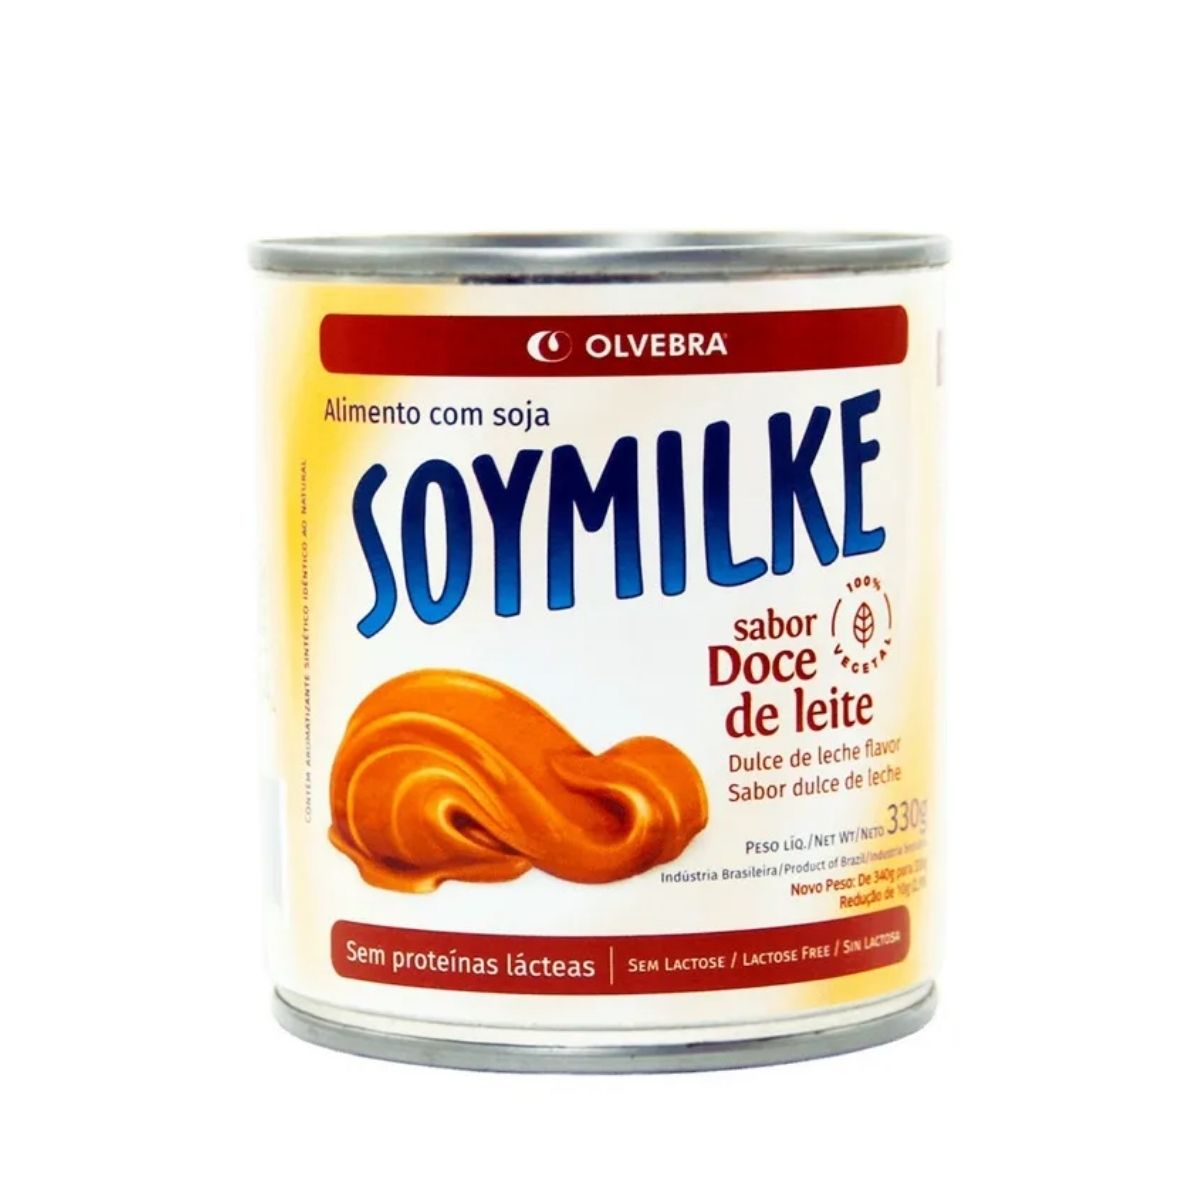 Doce de leite sg sl 330g - Rolvebra Soymilke